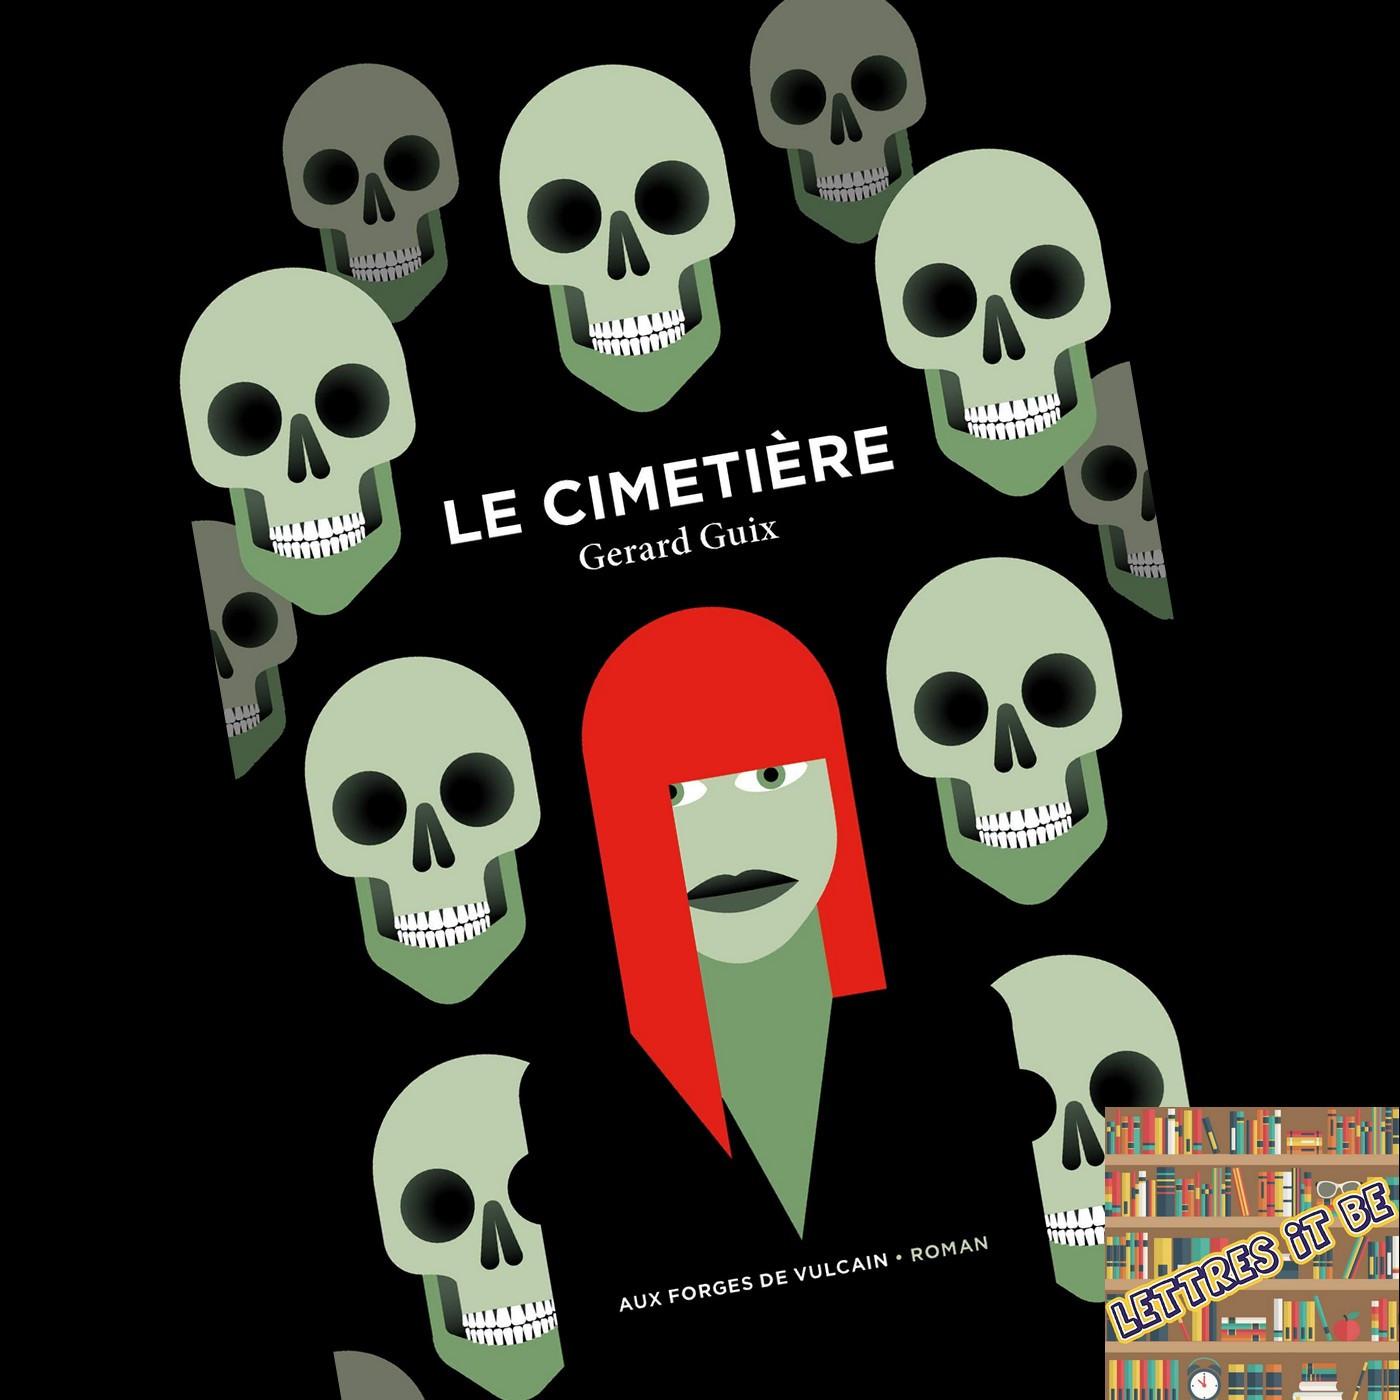 Critique pour Le cimetière de Gerard Guix (Livre)